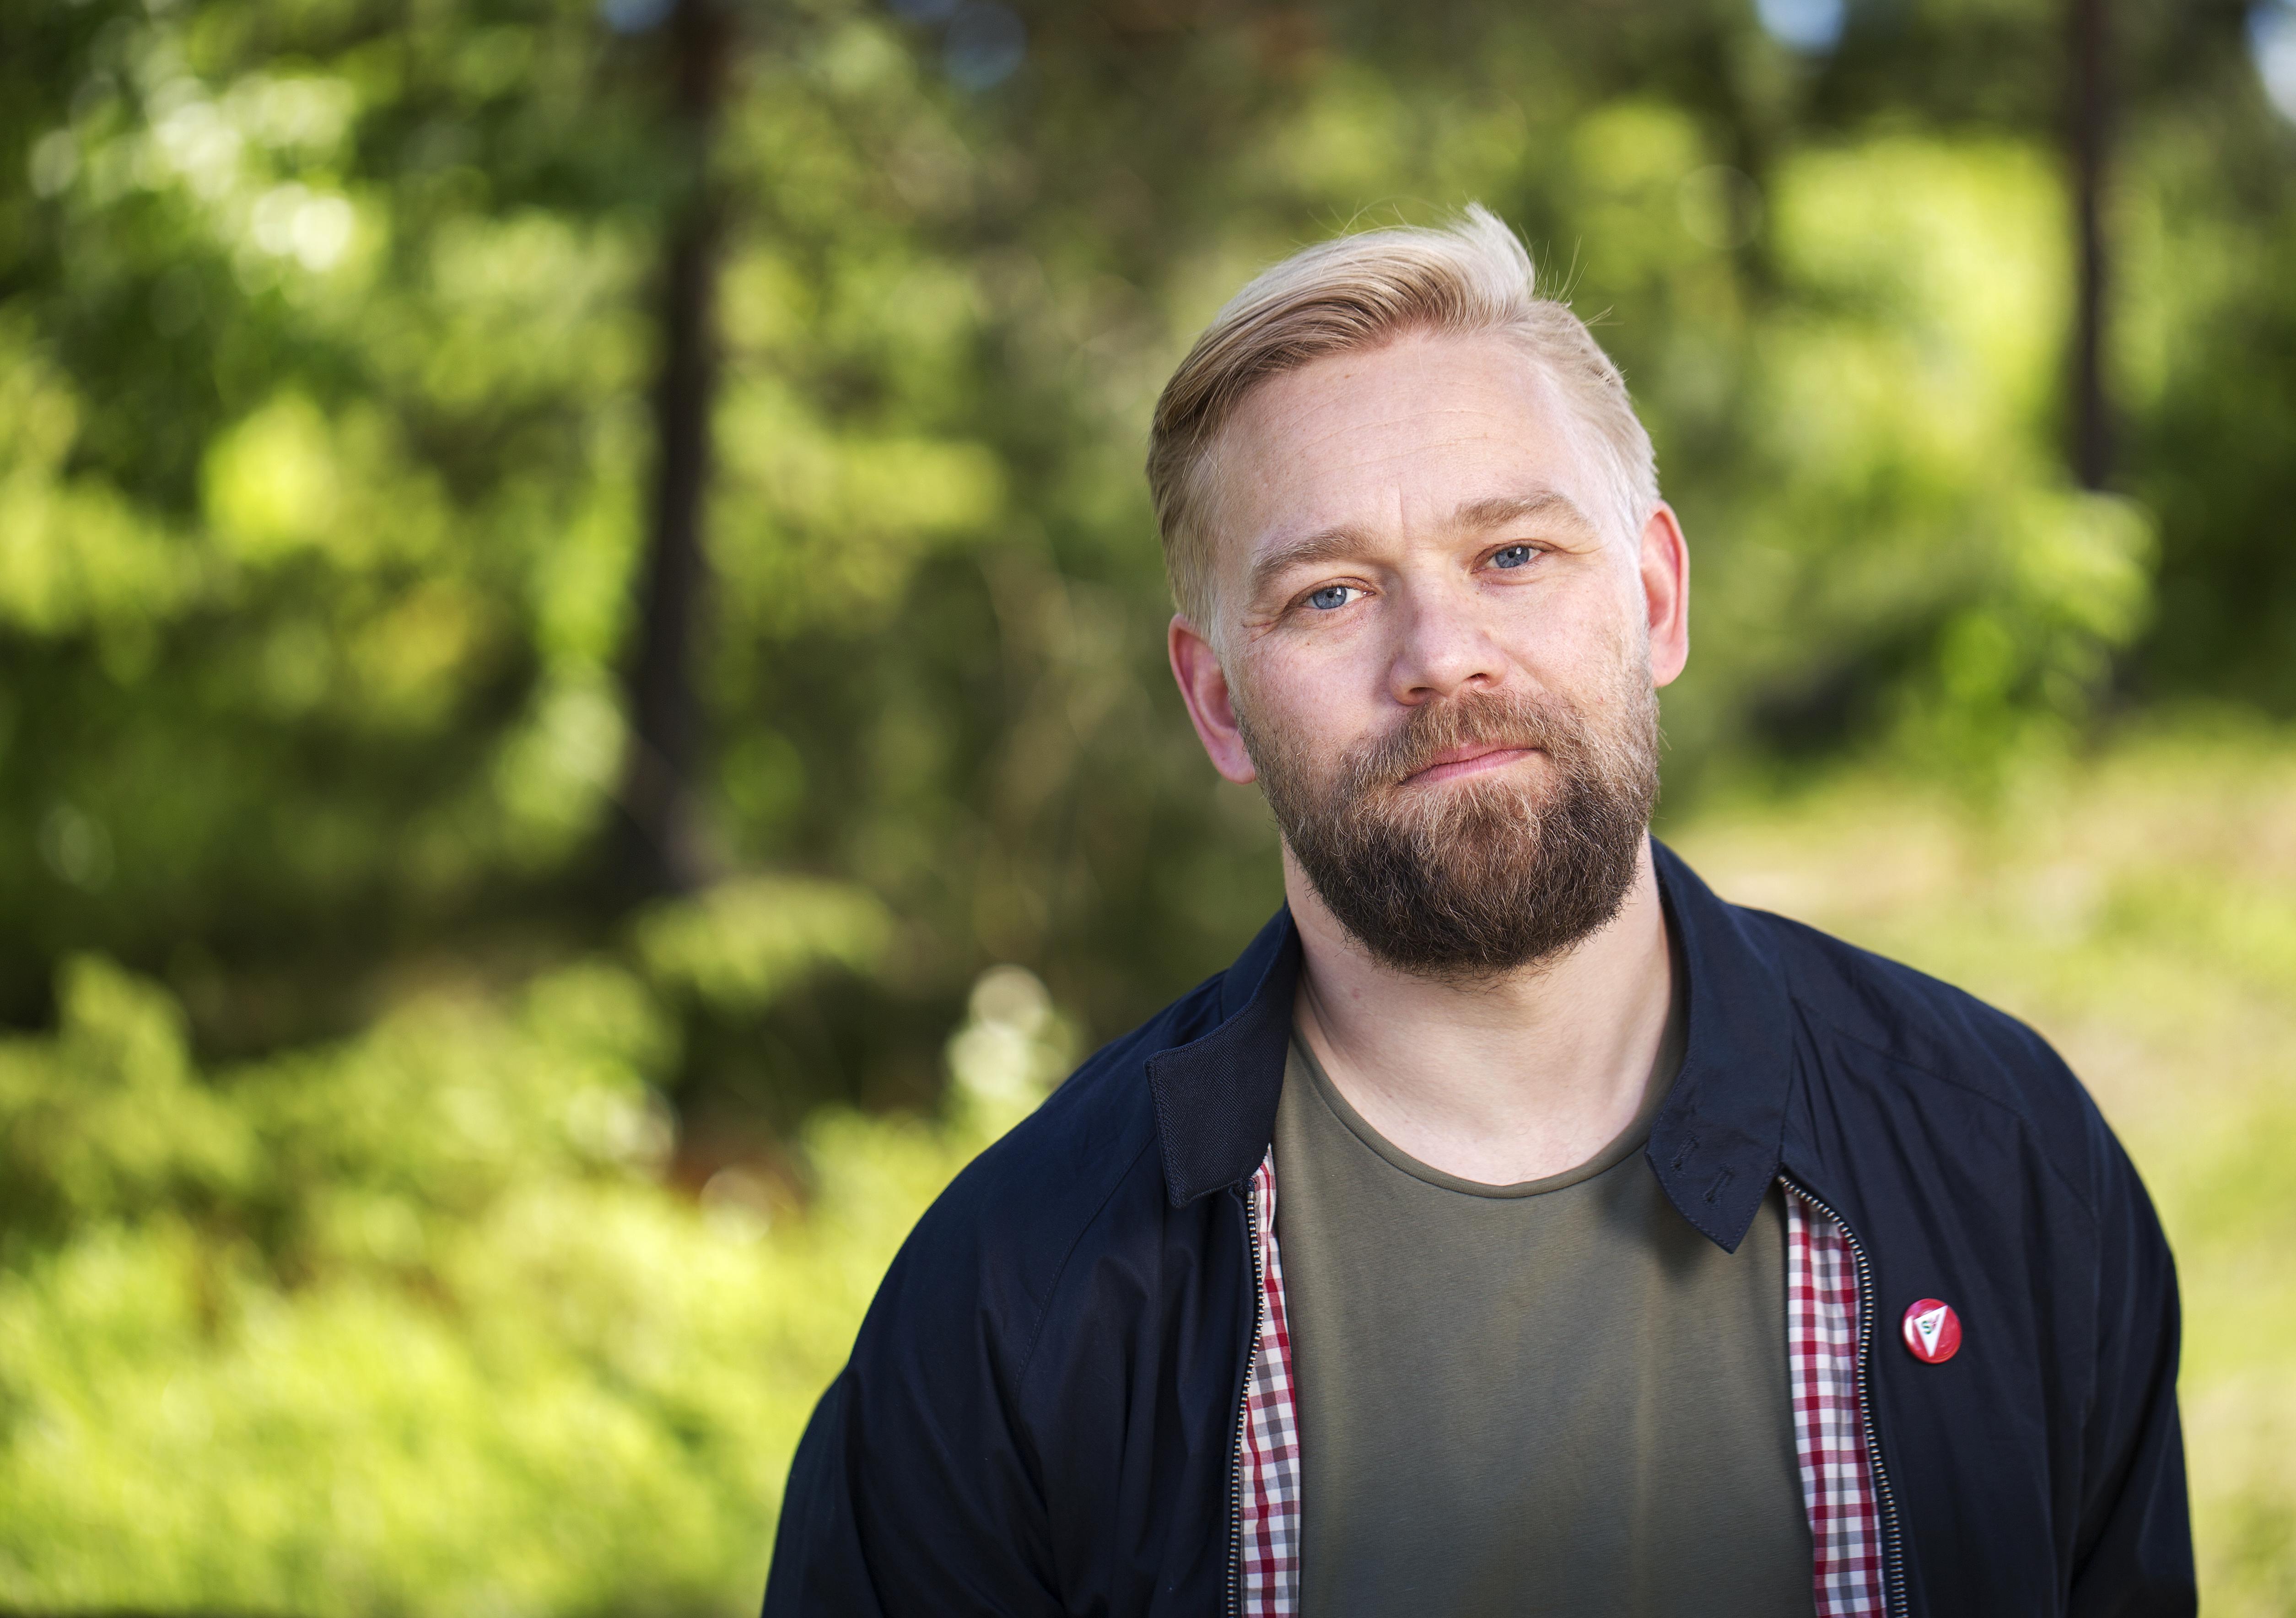 Fotografo av partisekretær Audun Herning